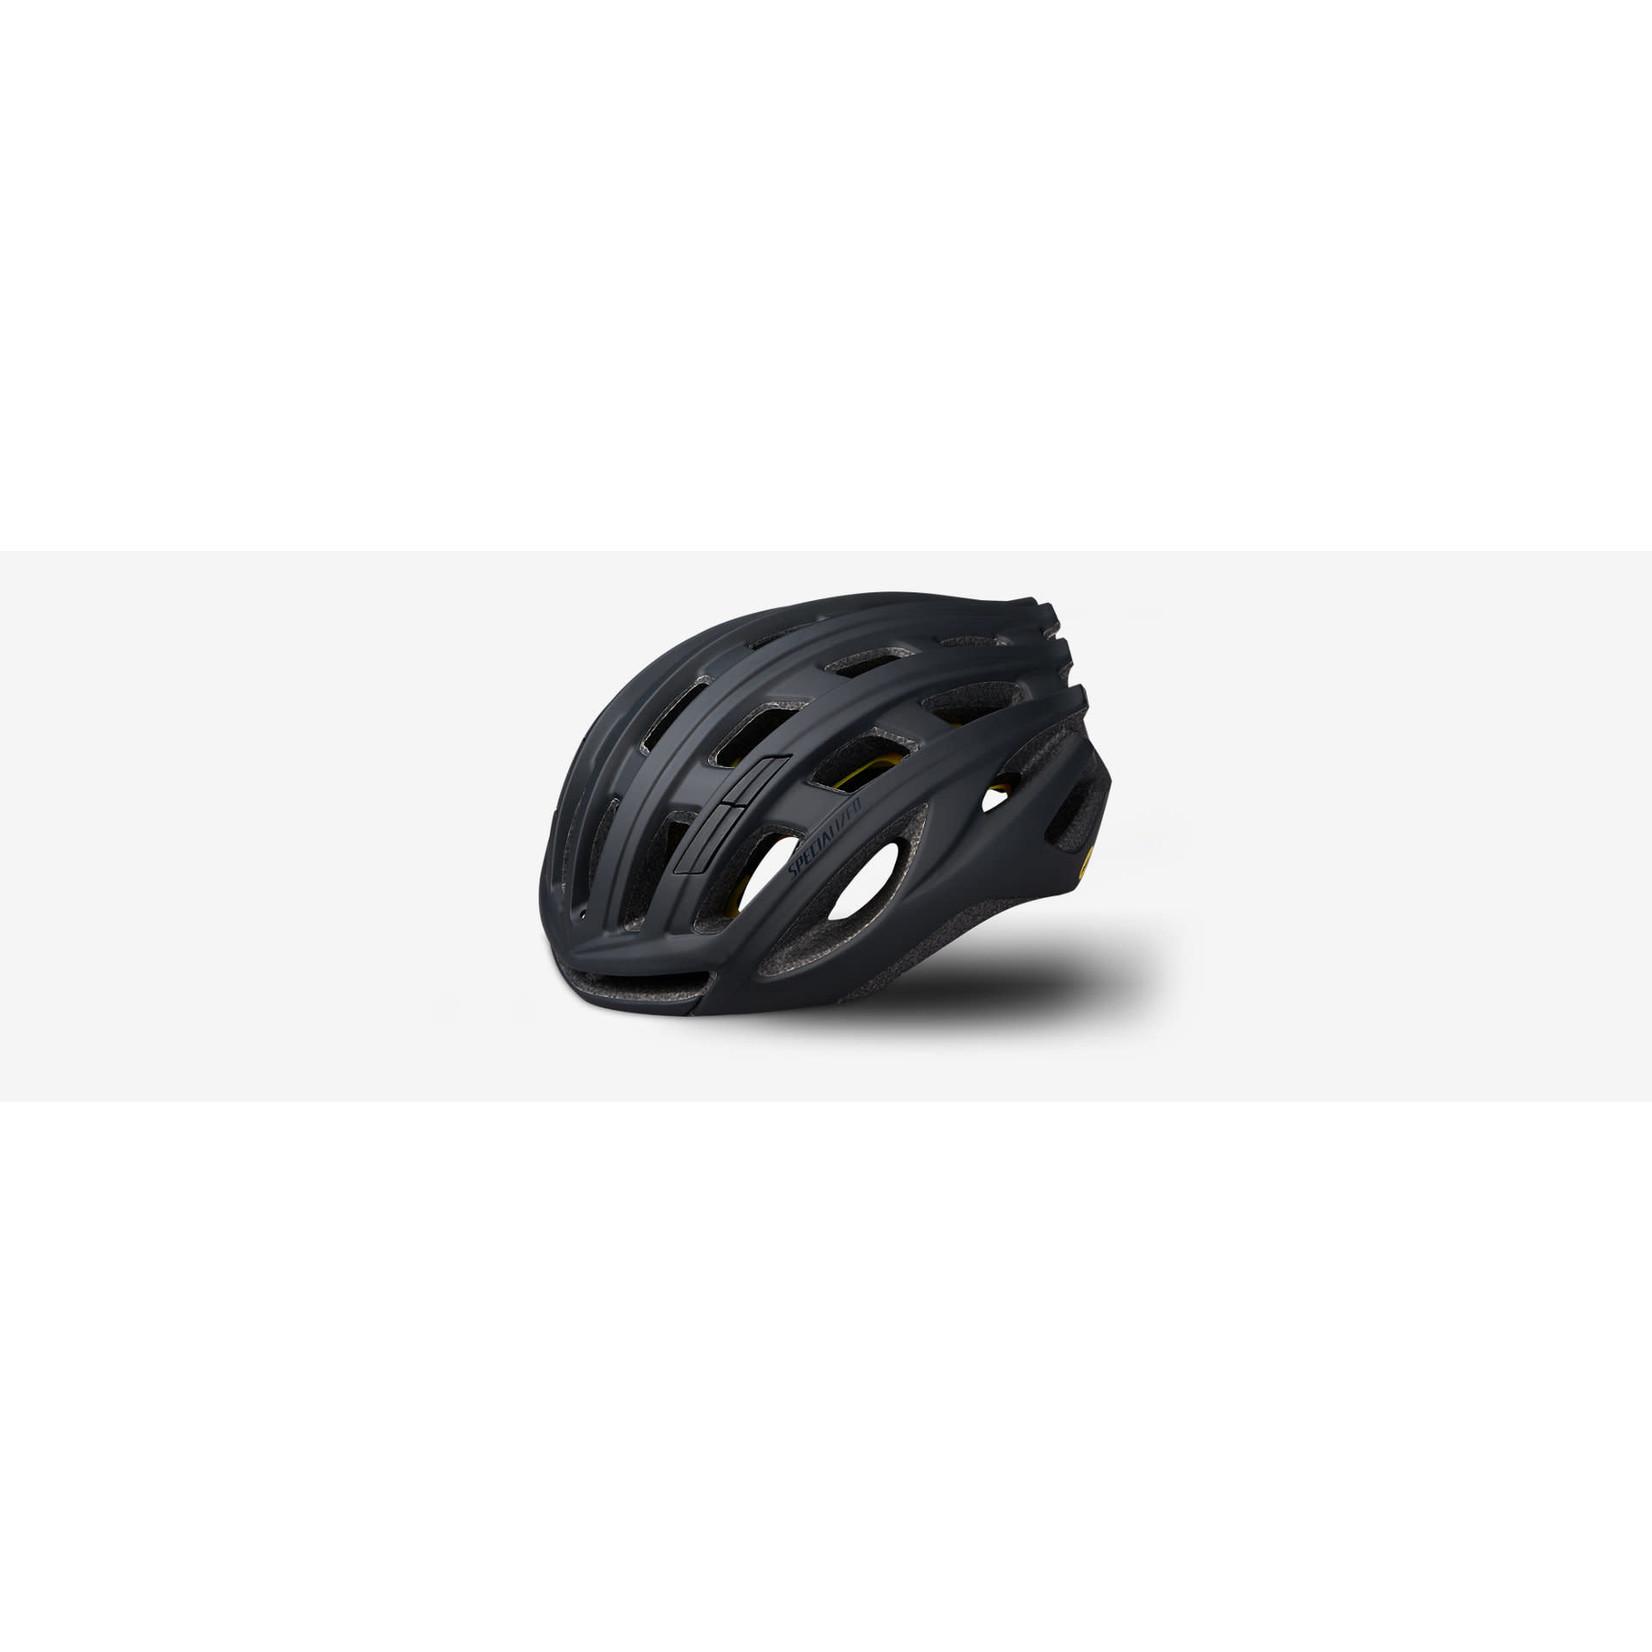 Specialized Specialized Propero 3 Helmet, Black, S